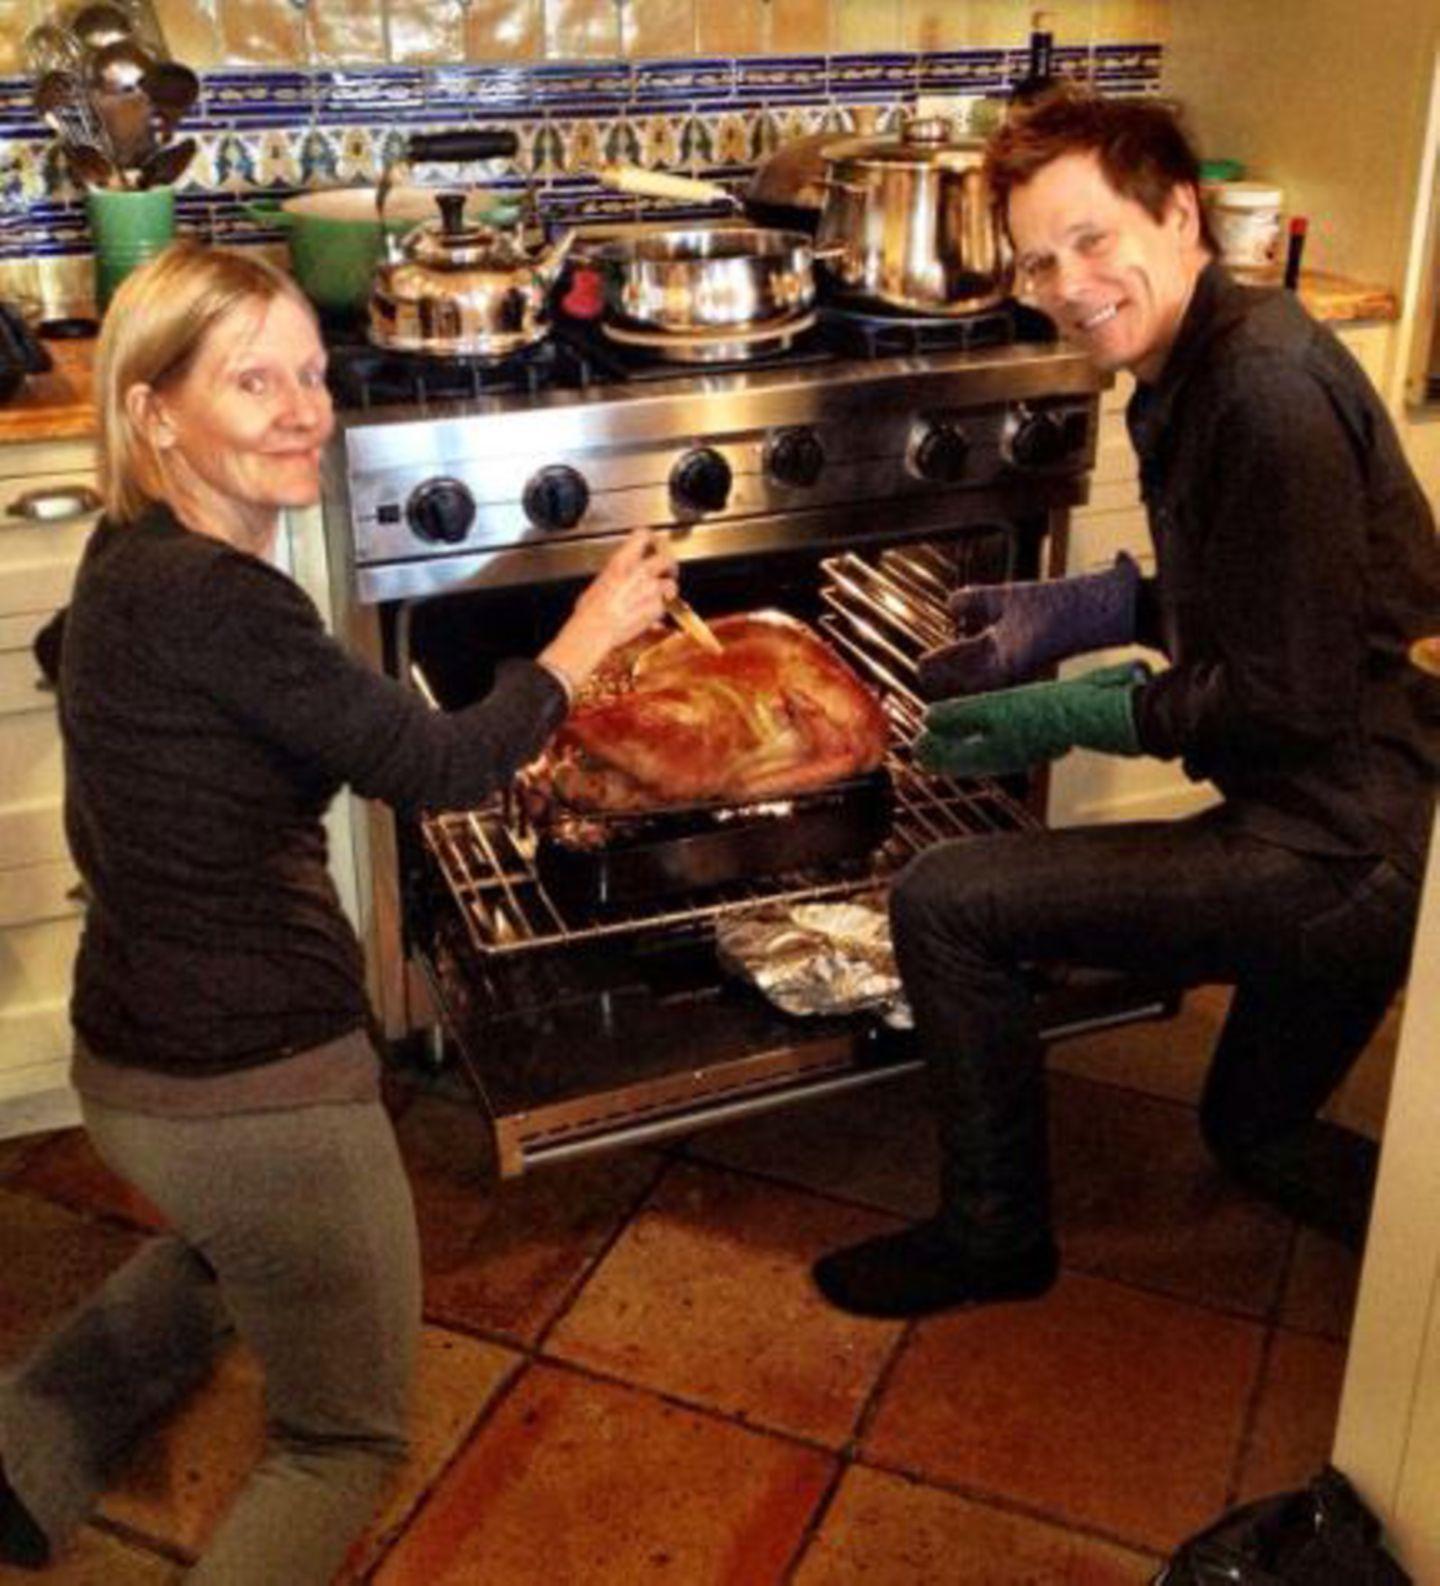 Kevin Bacon bereitet gemeinsam mit seiner Schwester das Festtagsmahl.